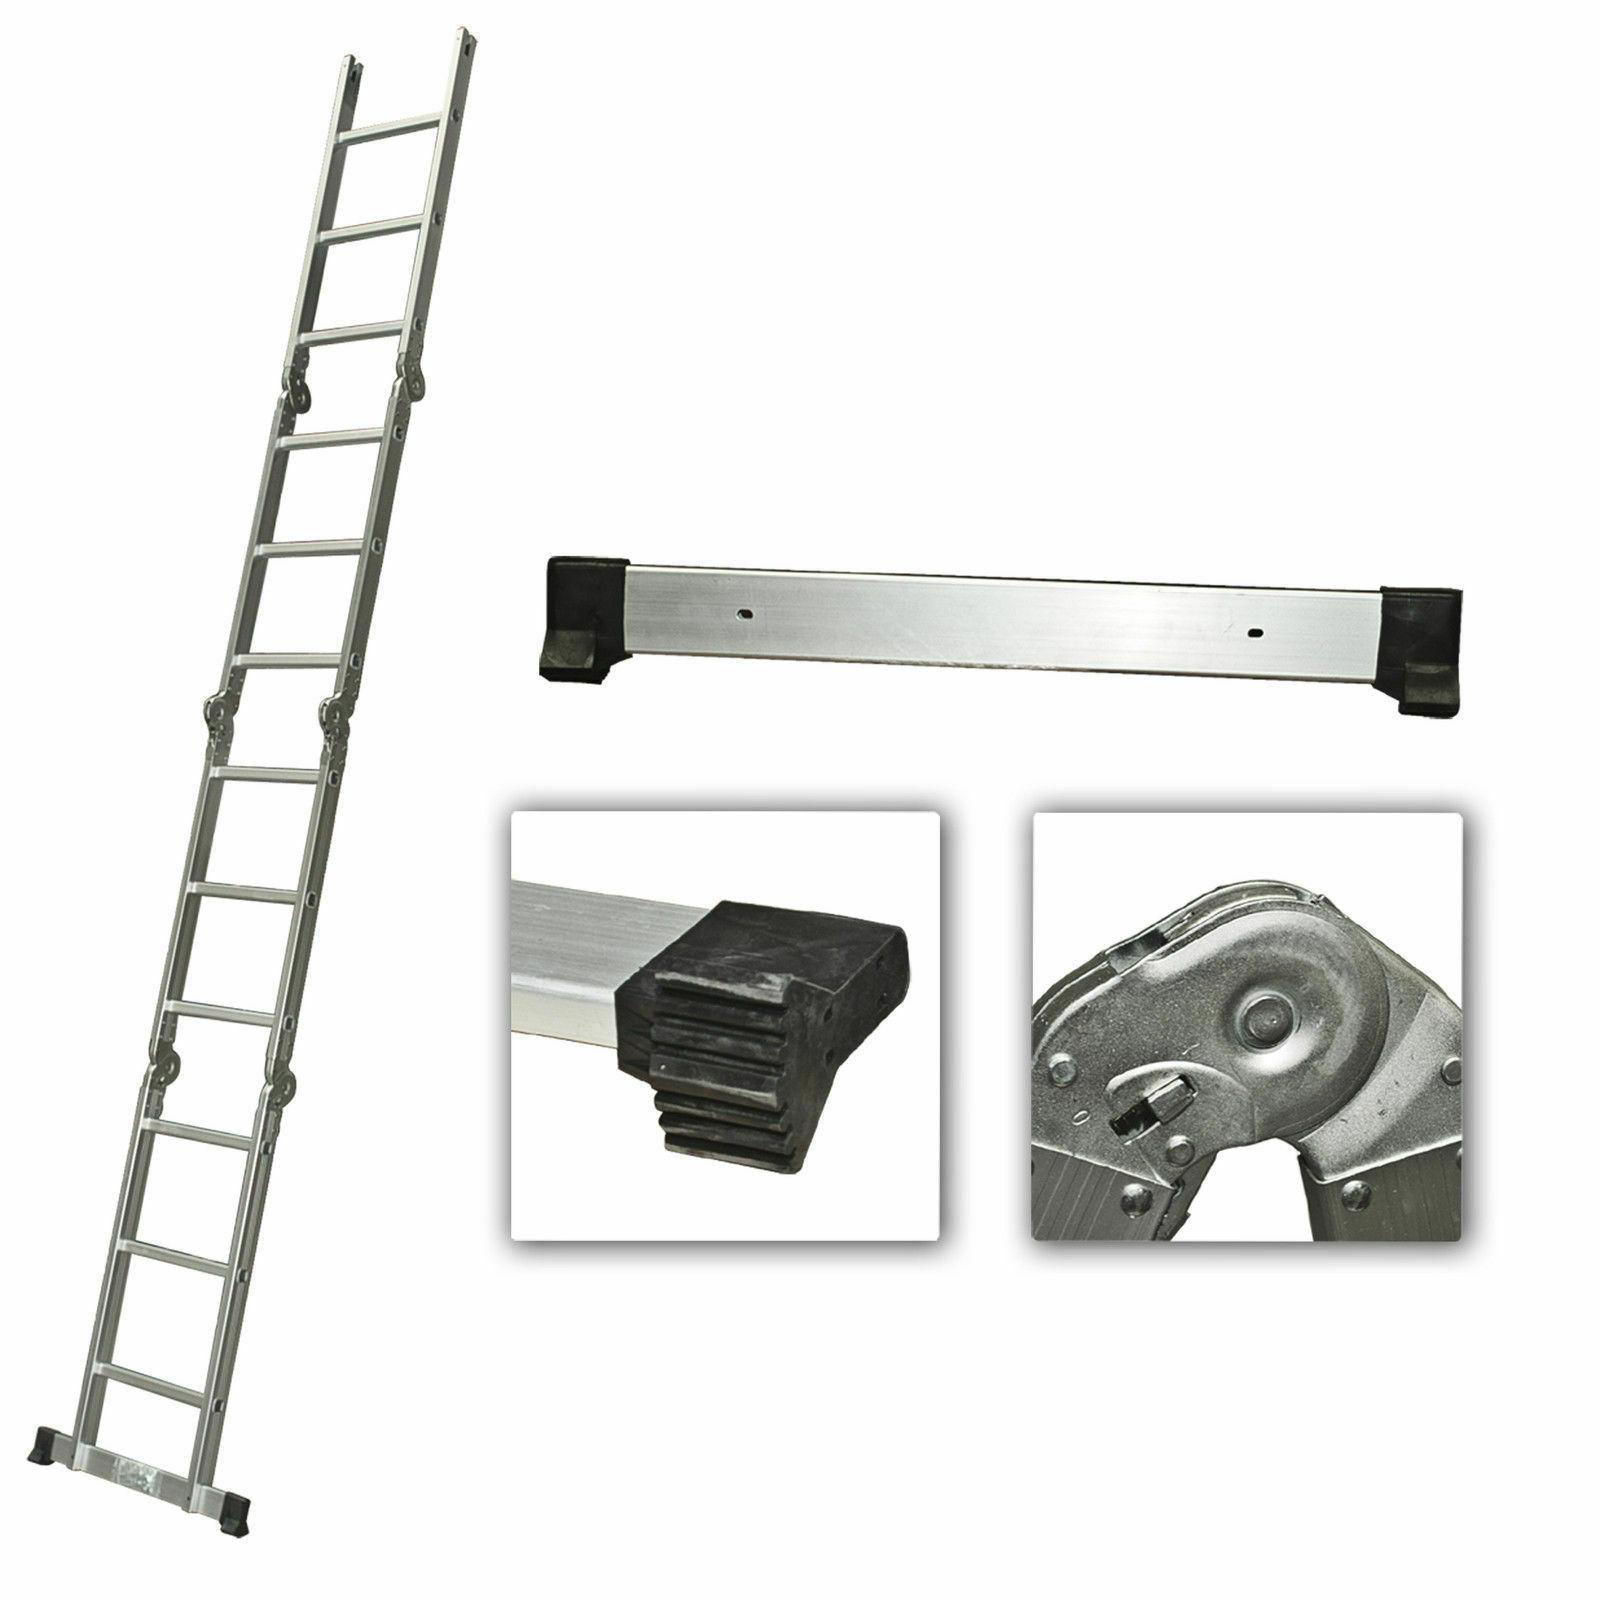 Ladder Extendable Multi